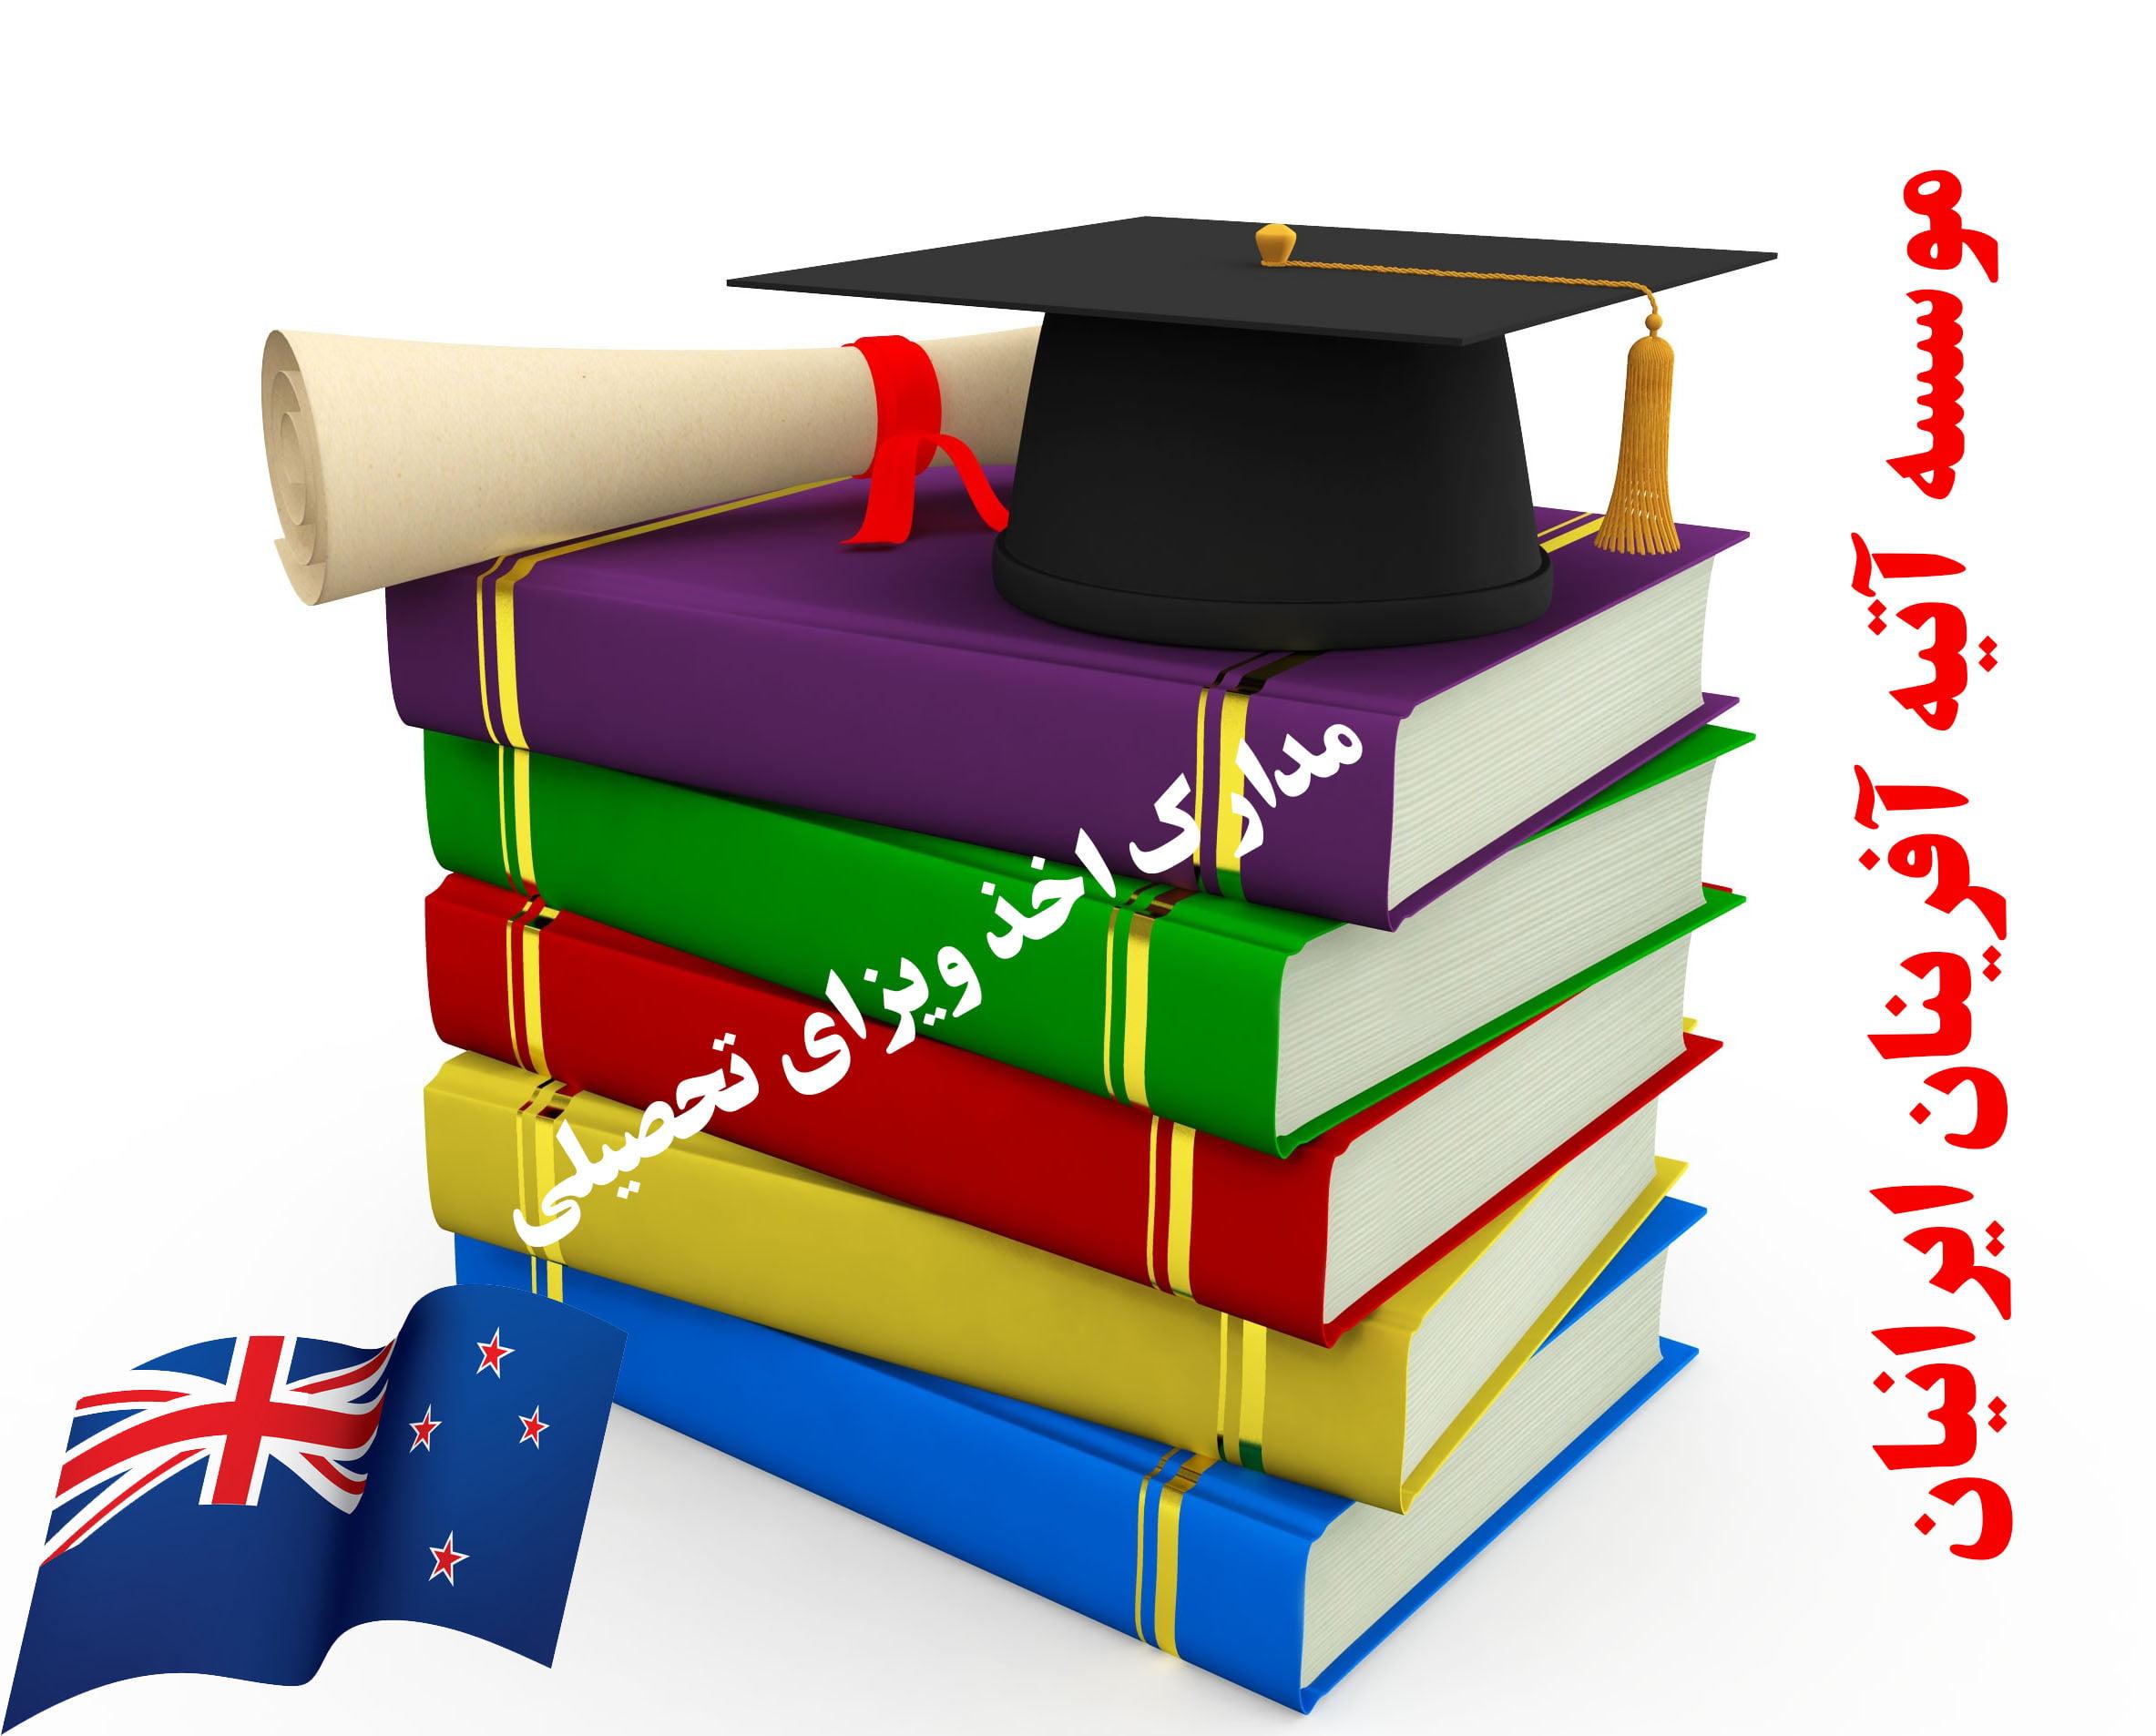 مدارک مورد نیاز برای اخذ ویزای تحصیلی نیوزلند